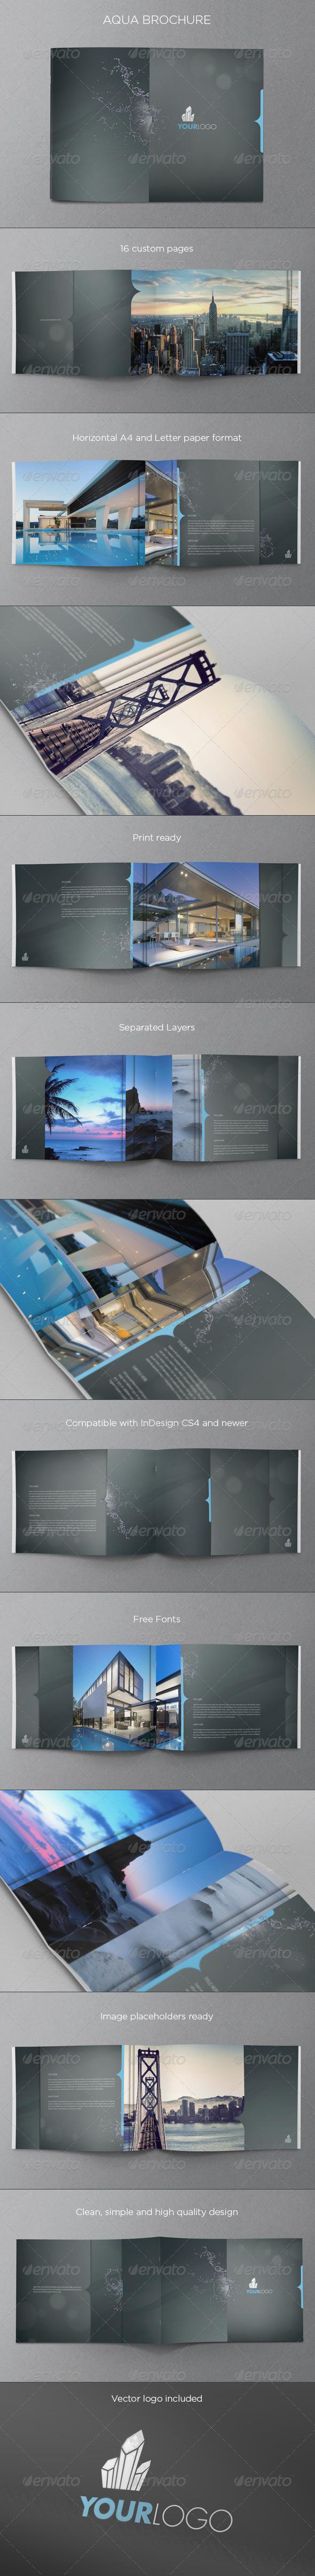 Aqua Premium Brochure - Brochures Print Templates